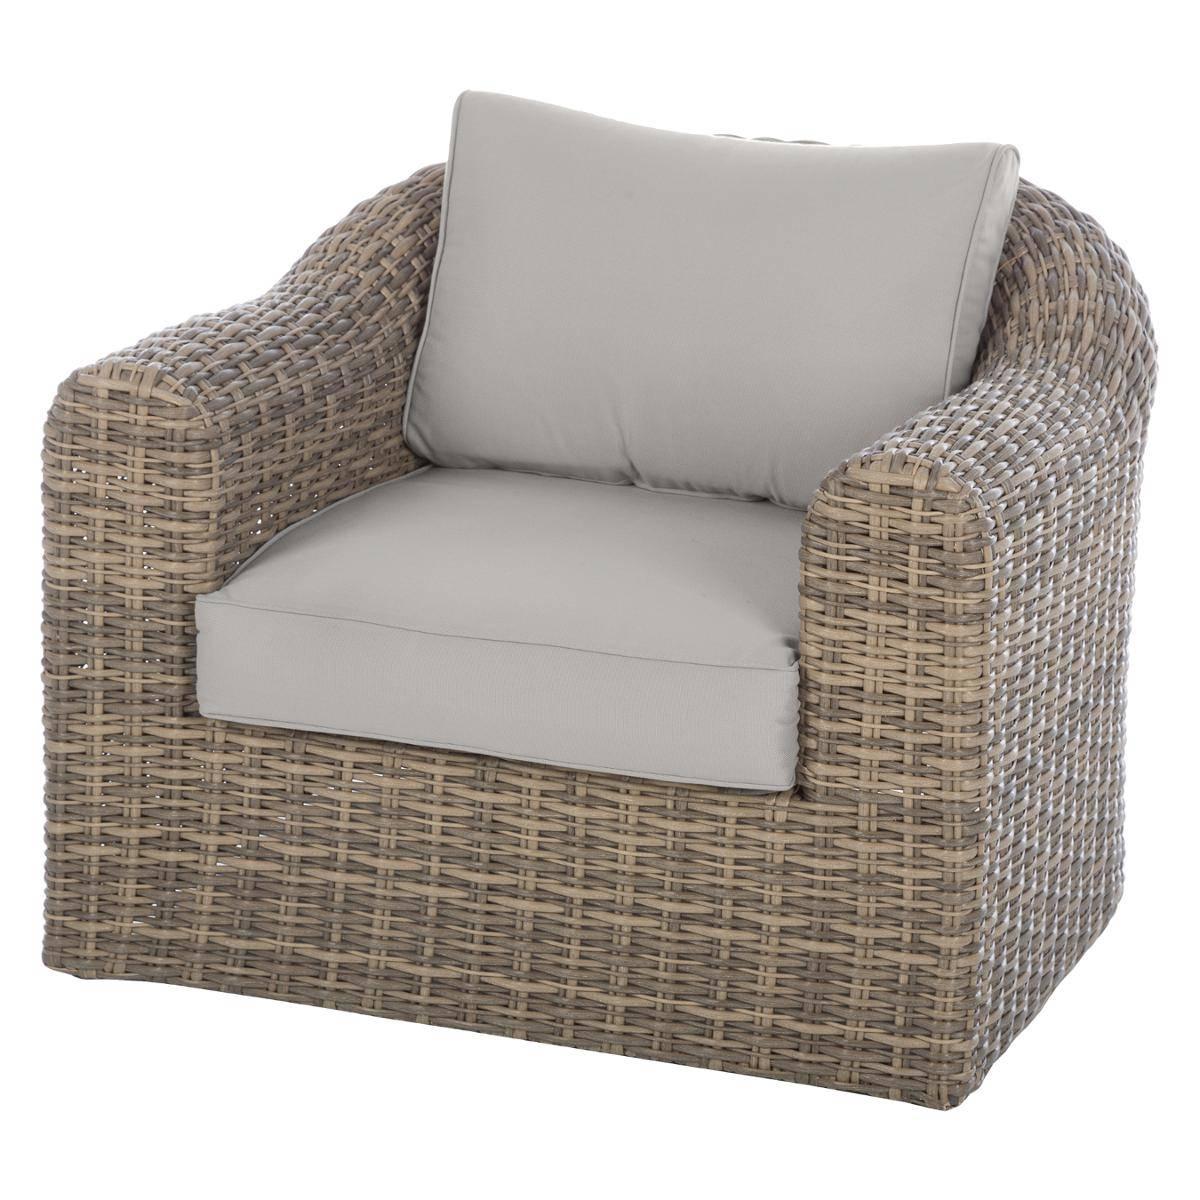 מערכת ישיבה פינתית מראטן דגם MOOREA כולל כורסא בודדת צבע טבעי - תמונה 3